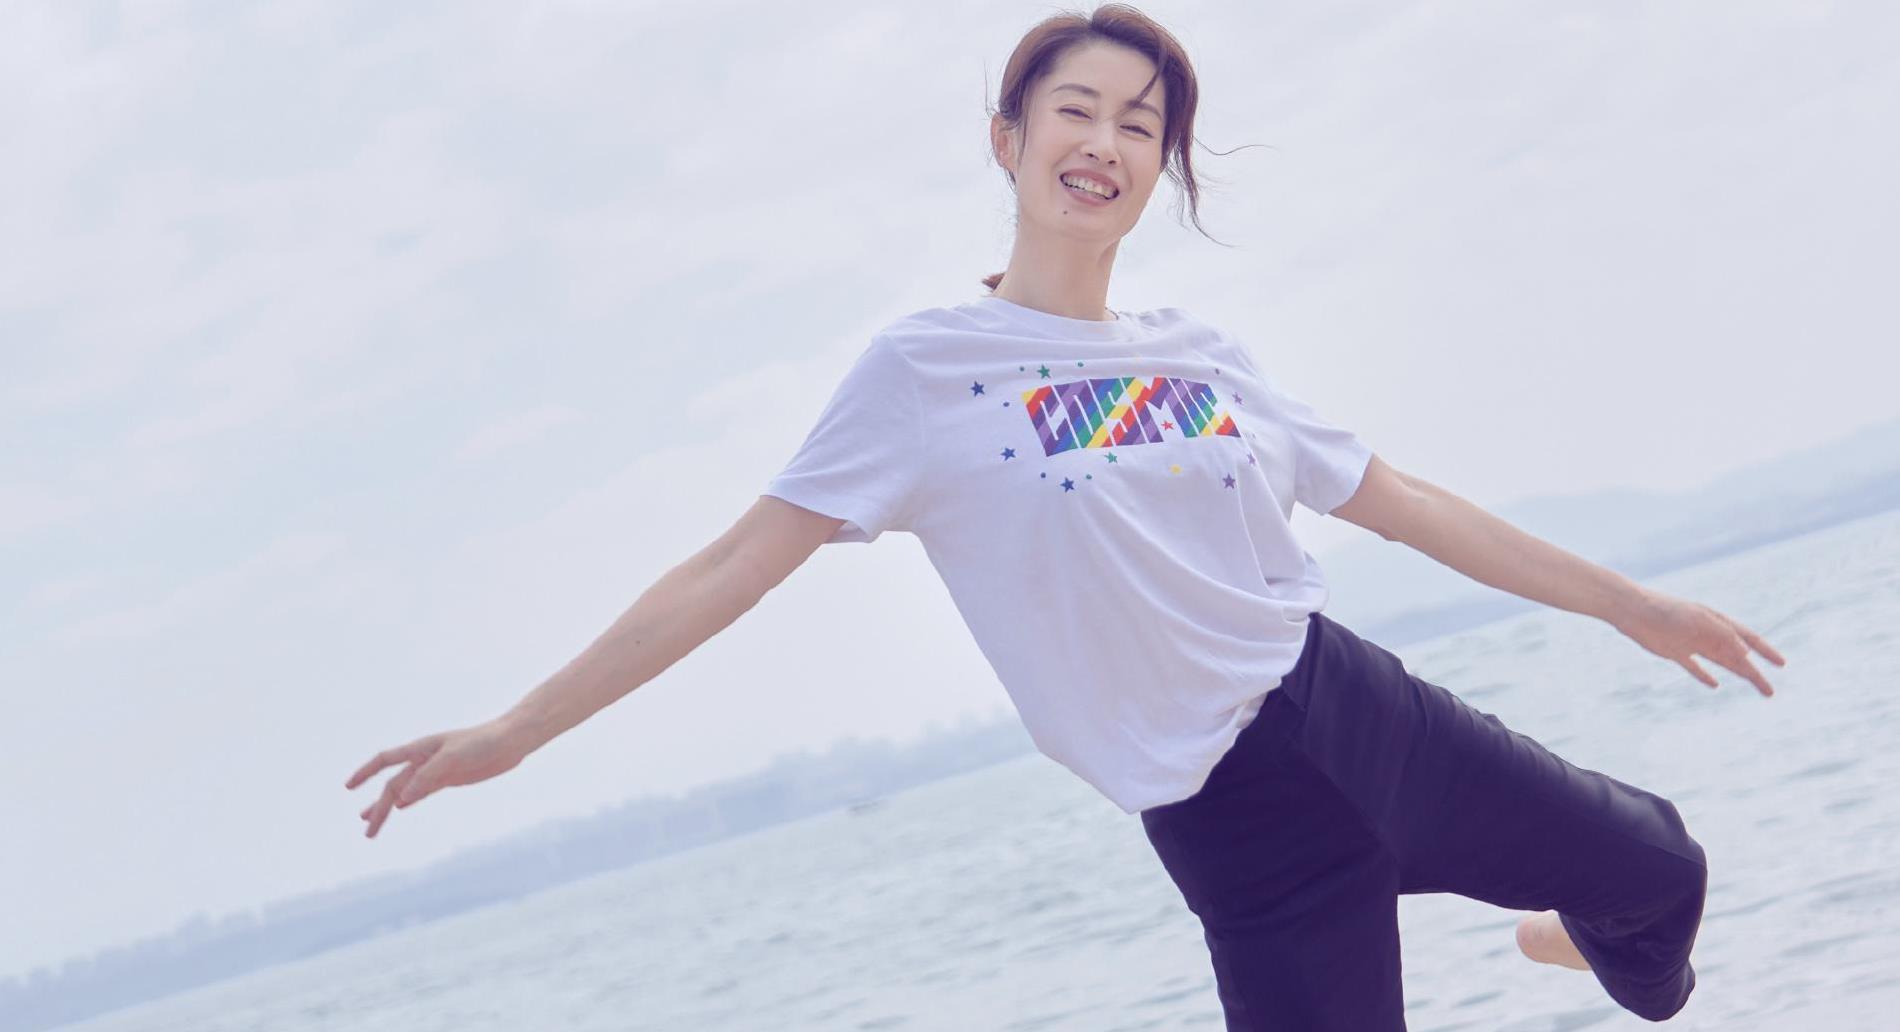 中年翻红状态佳,44岁刘敏涛海边起舞,白T恤配紫色喇叭裤好甜